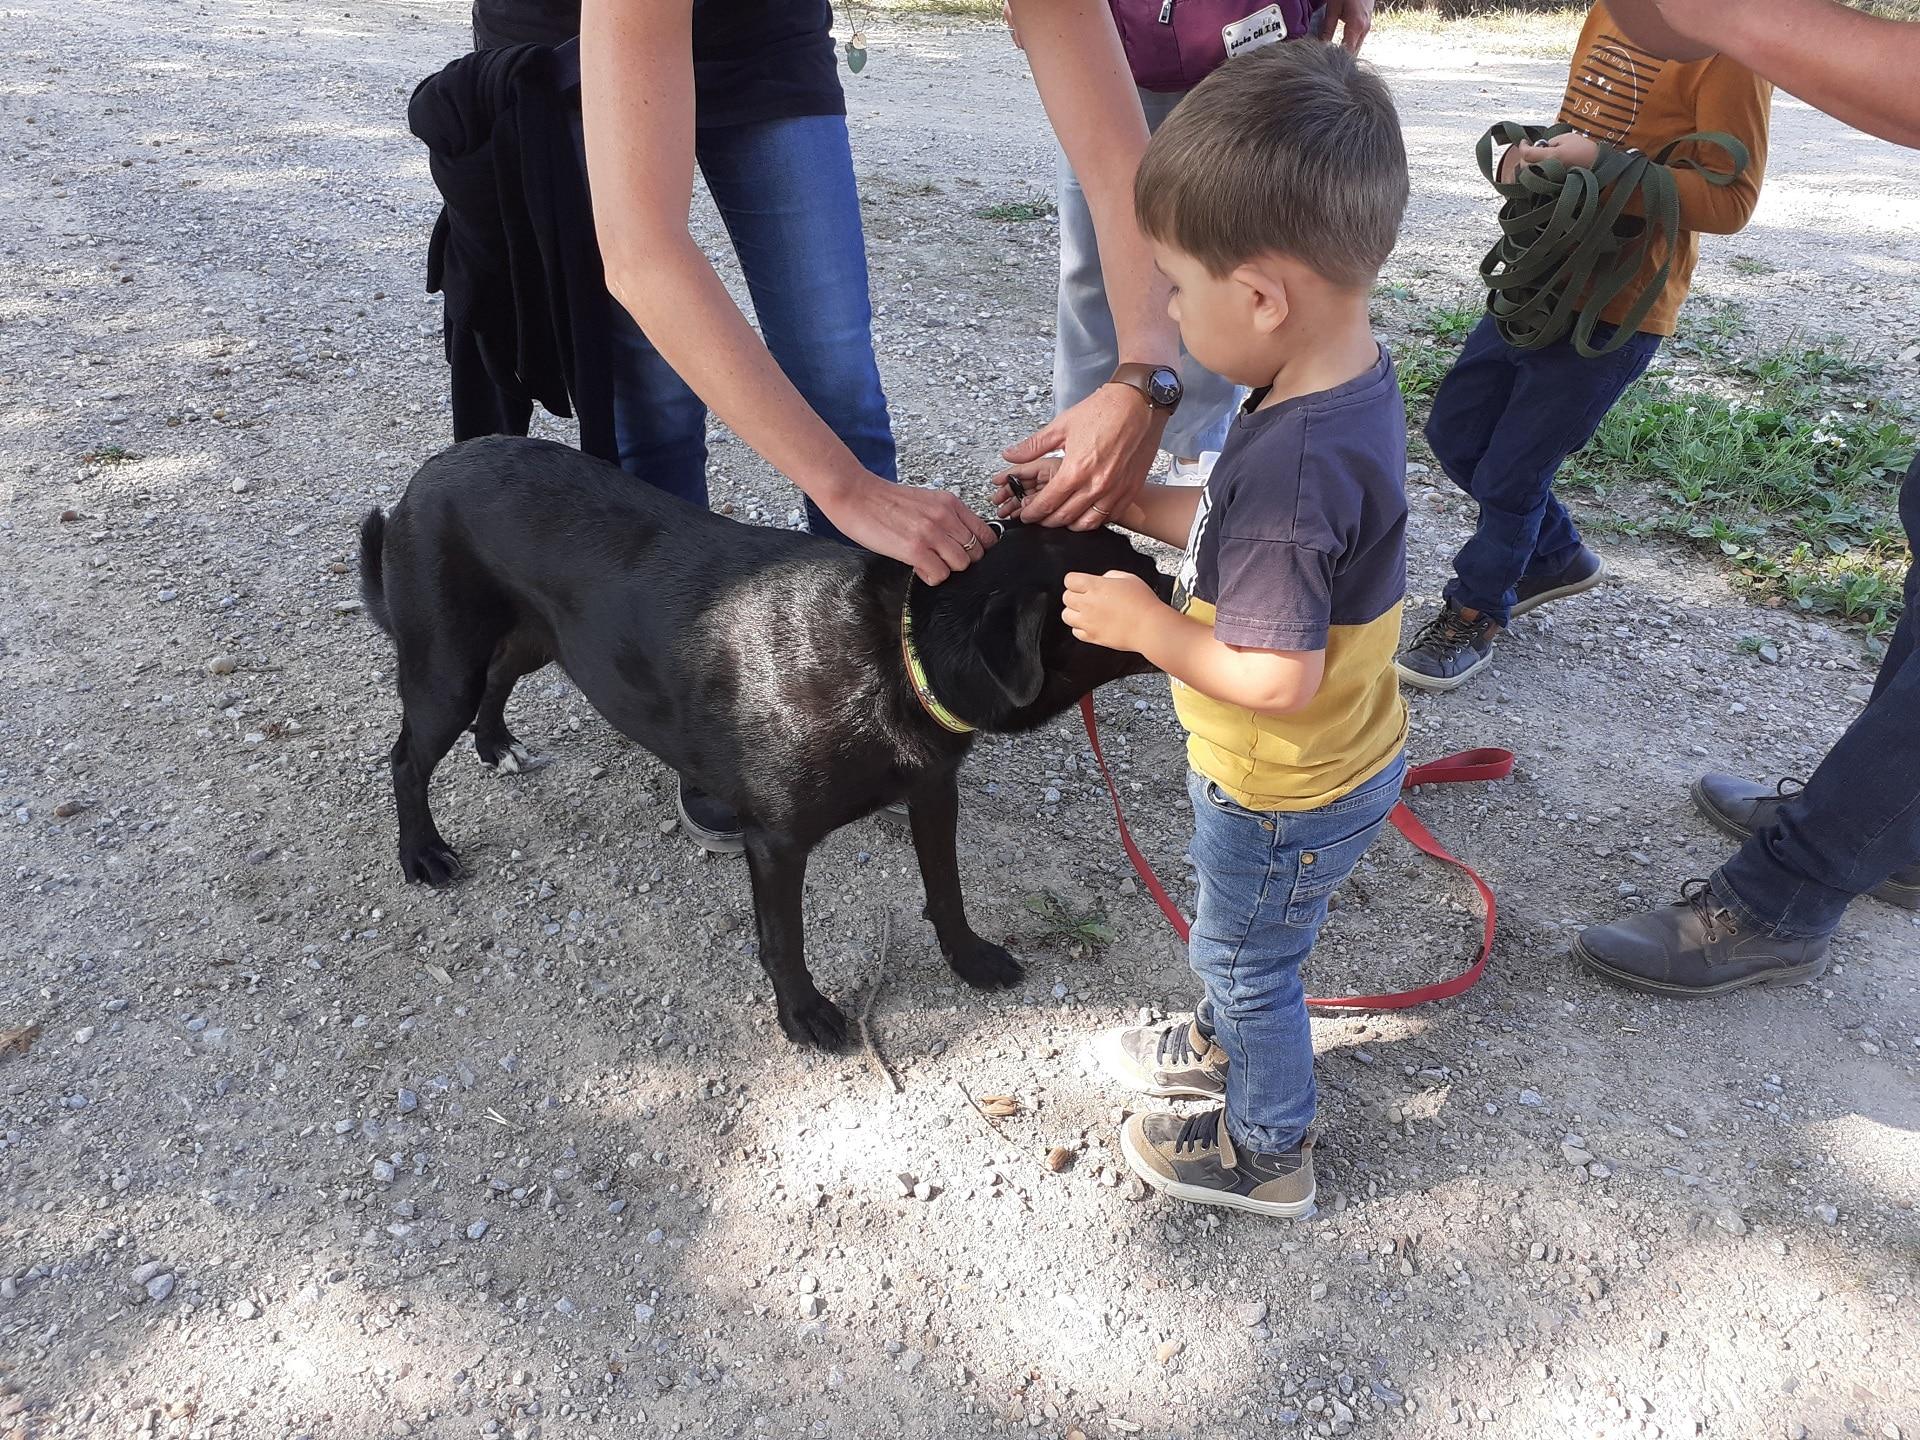 thylio-phobie-chiens-desensibilisation-peur-enfant-edukachien-stage-aurelie-frerou-44.49.85.53.35-education-canine